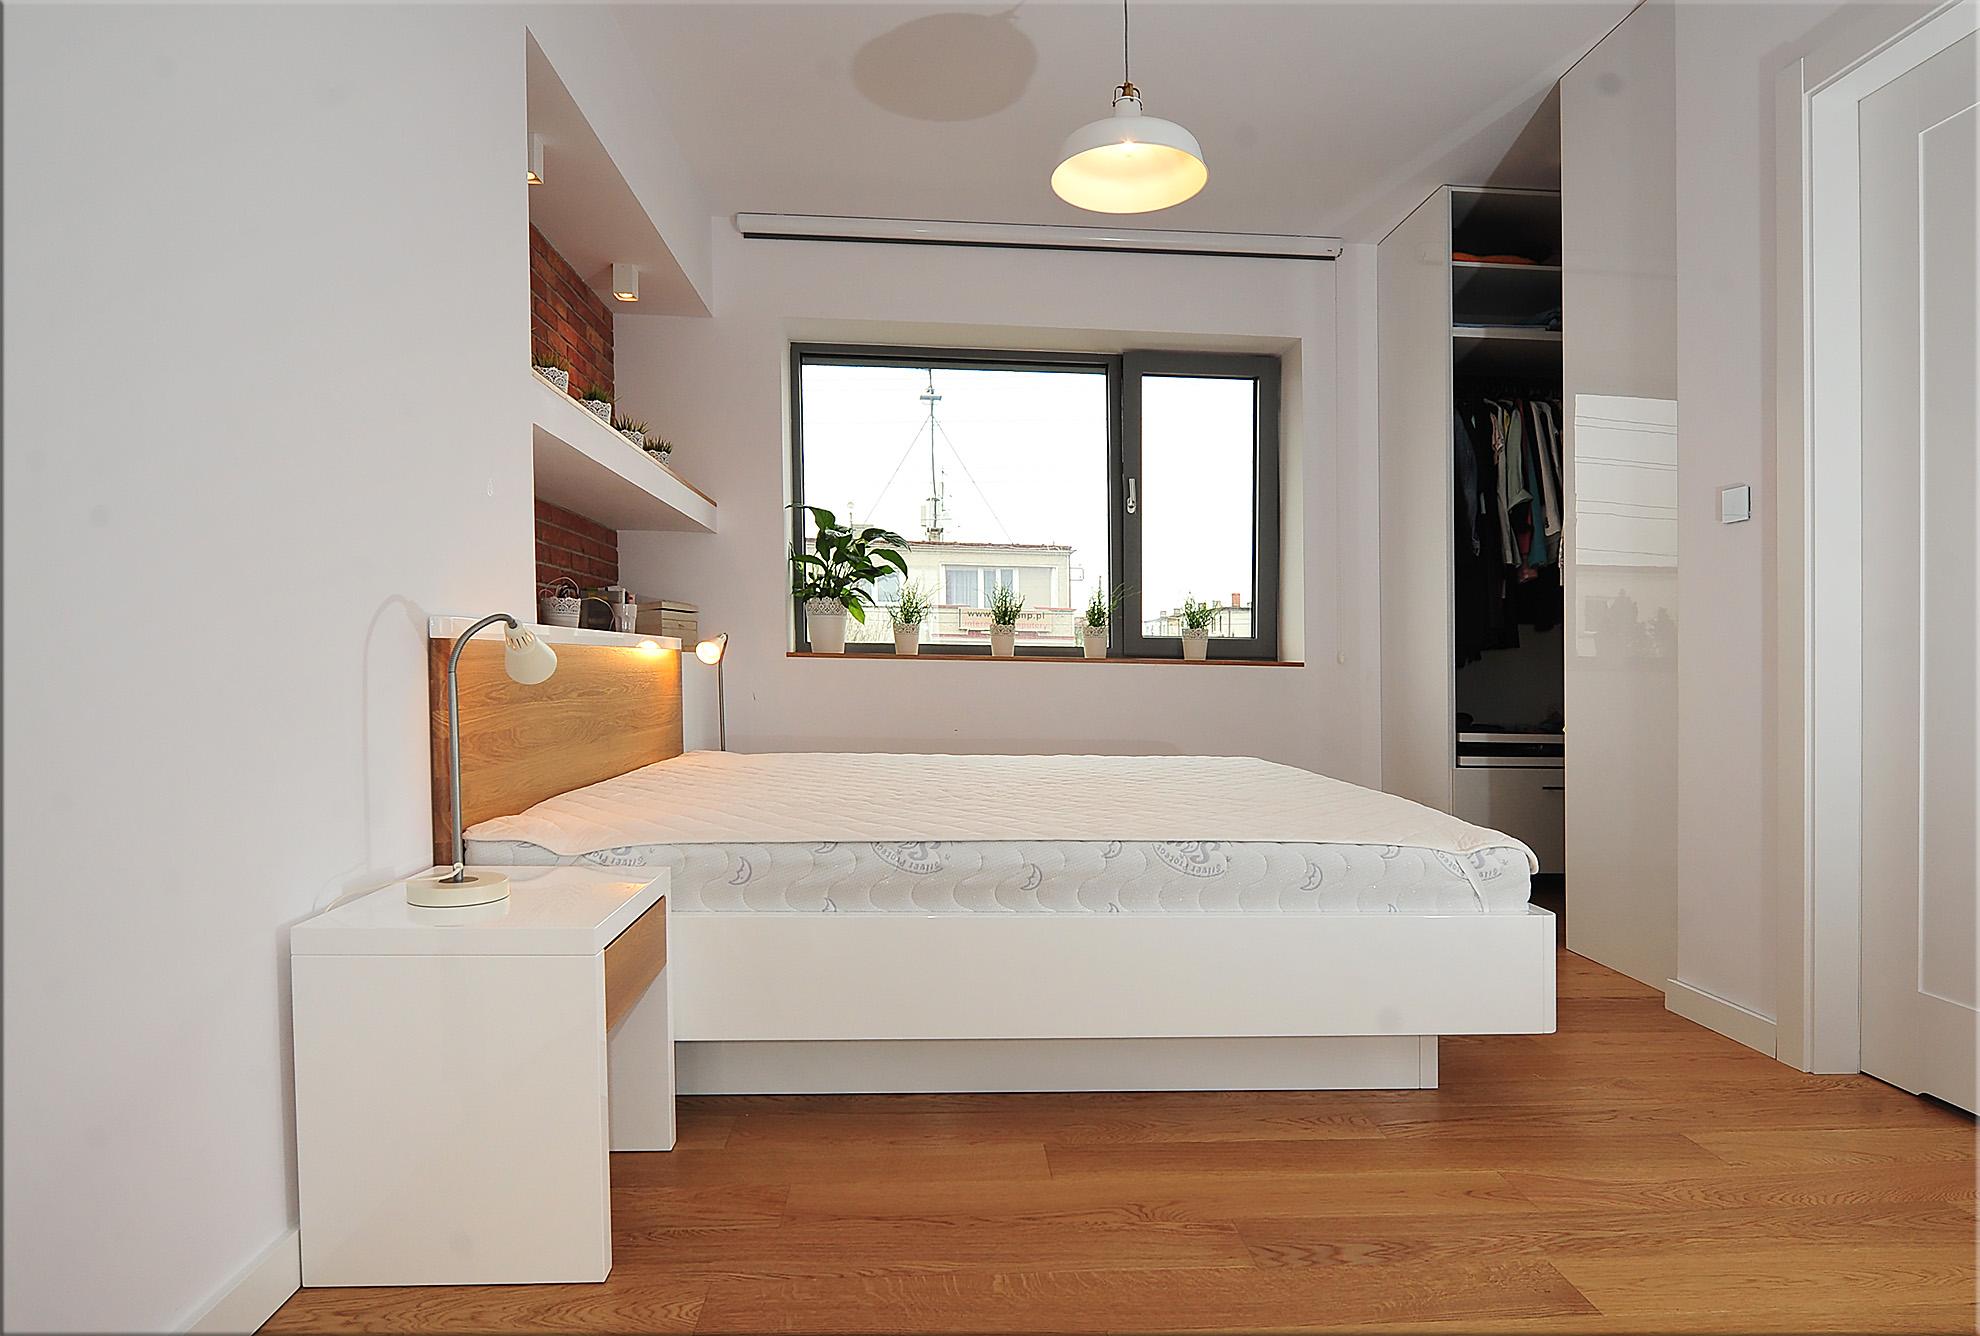 Łóżko Bianco Piccolo zpojemnikiem na pościel - biały wysoki połysk / lity dąb natura . Marzec 2016 - Bydgoszcz